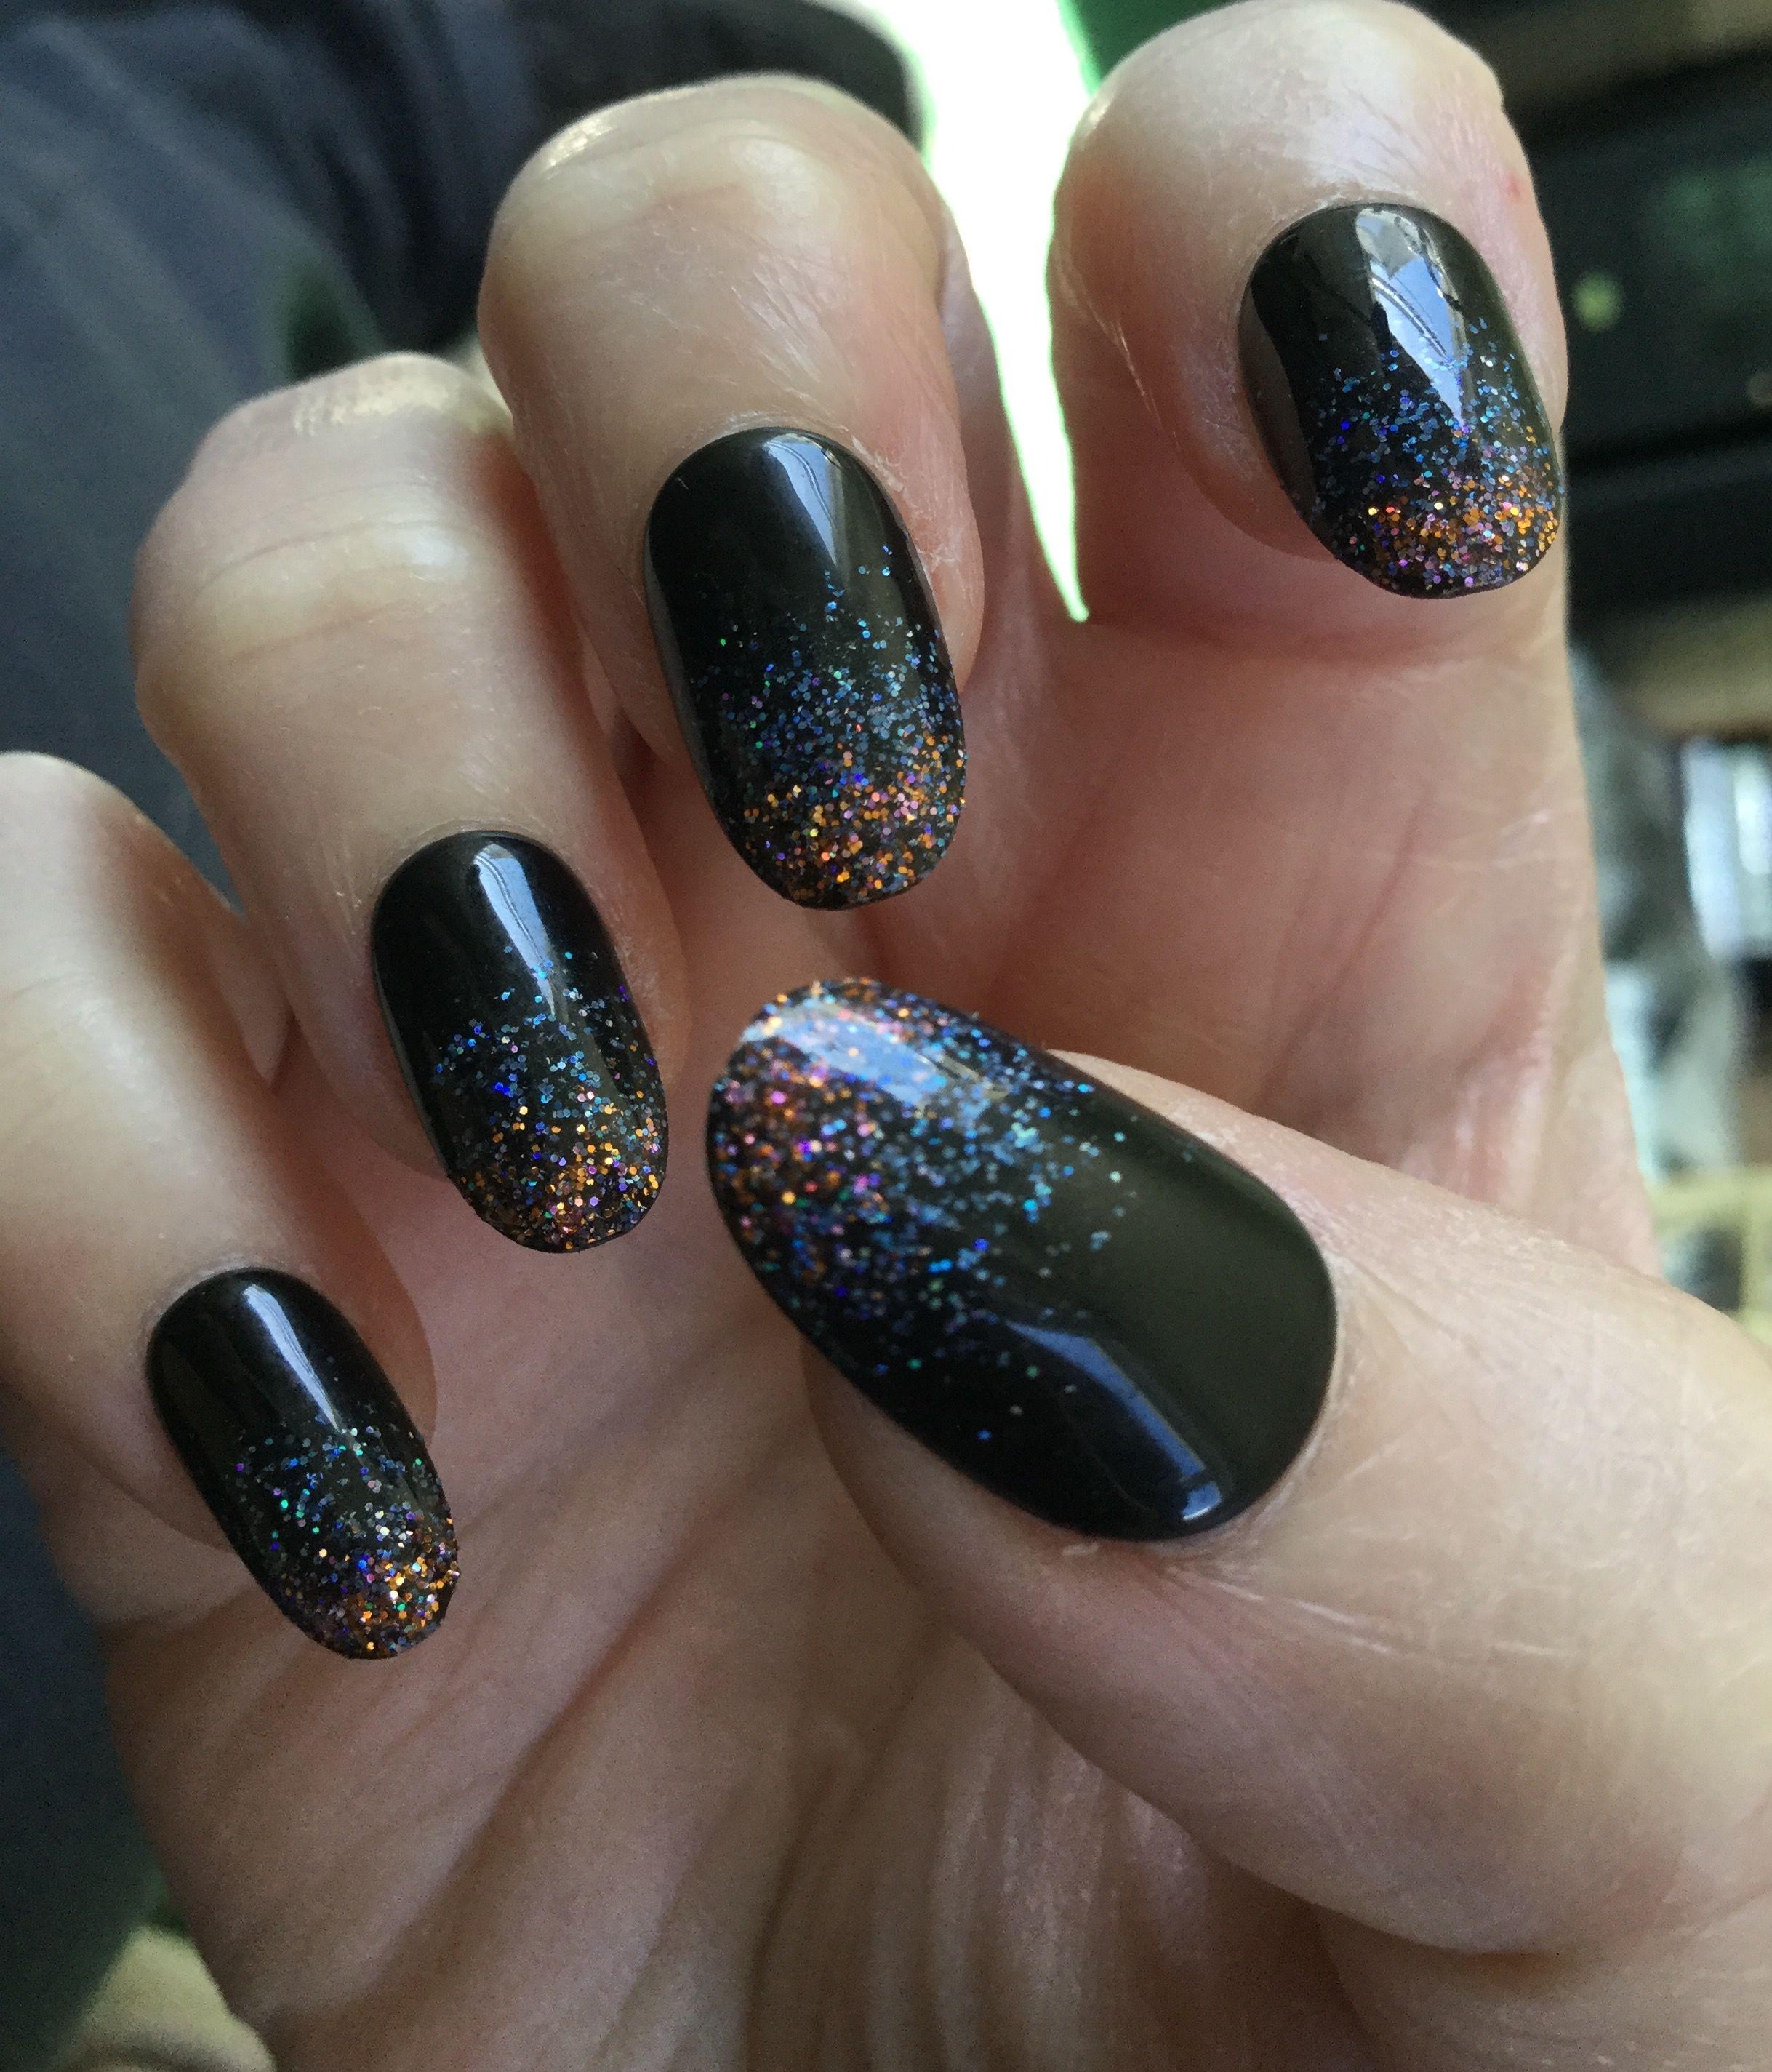 Kiss Gel Fantasy Nails | Nail Polish/Nail Enhancements/Nail Art ...